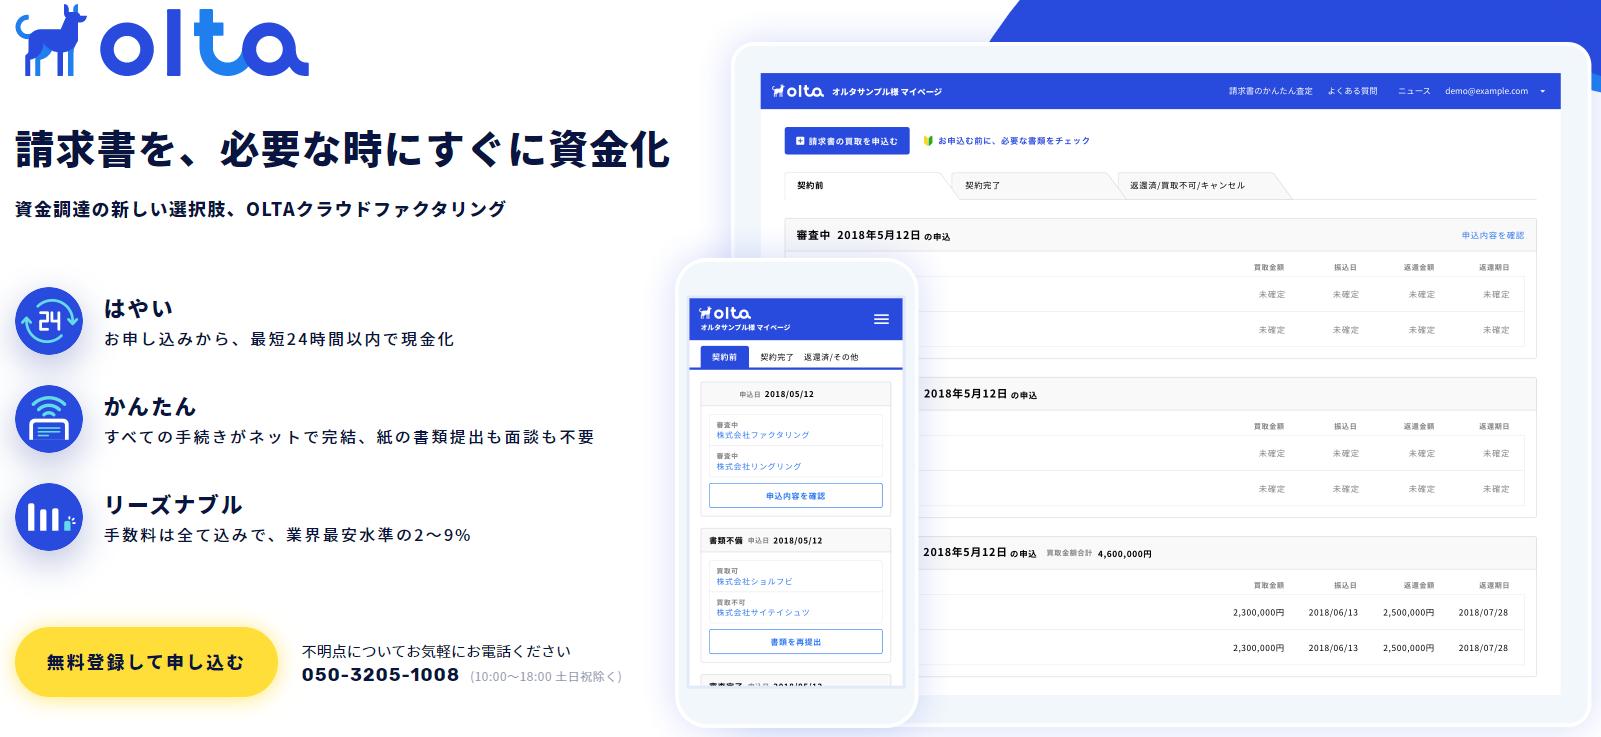 ファクタリング 東京_oltaのイメージ画像